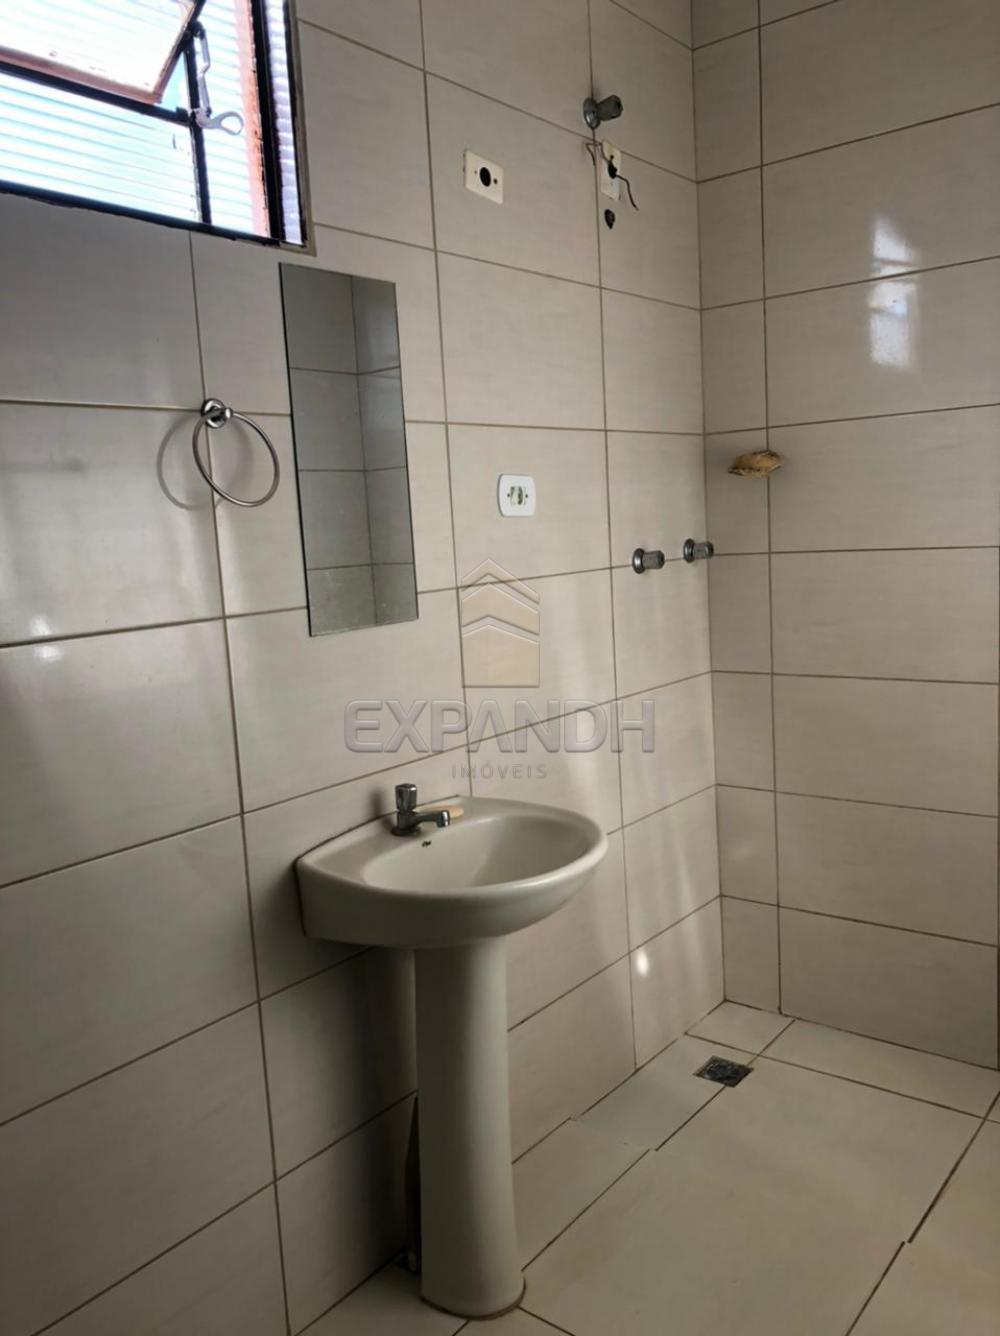 Alugar Casas / Padrão em Sertãozinho R$ 1.250,00 - Foto 19